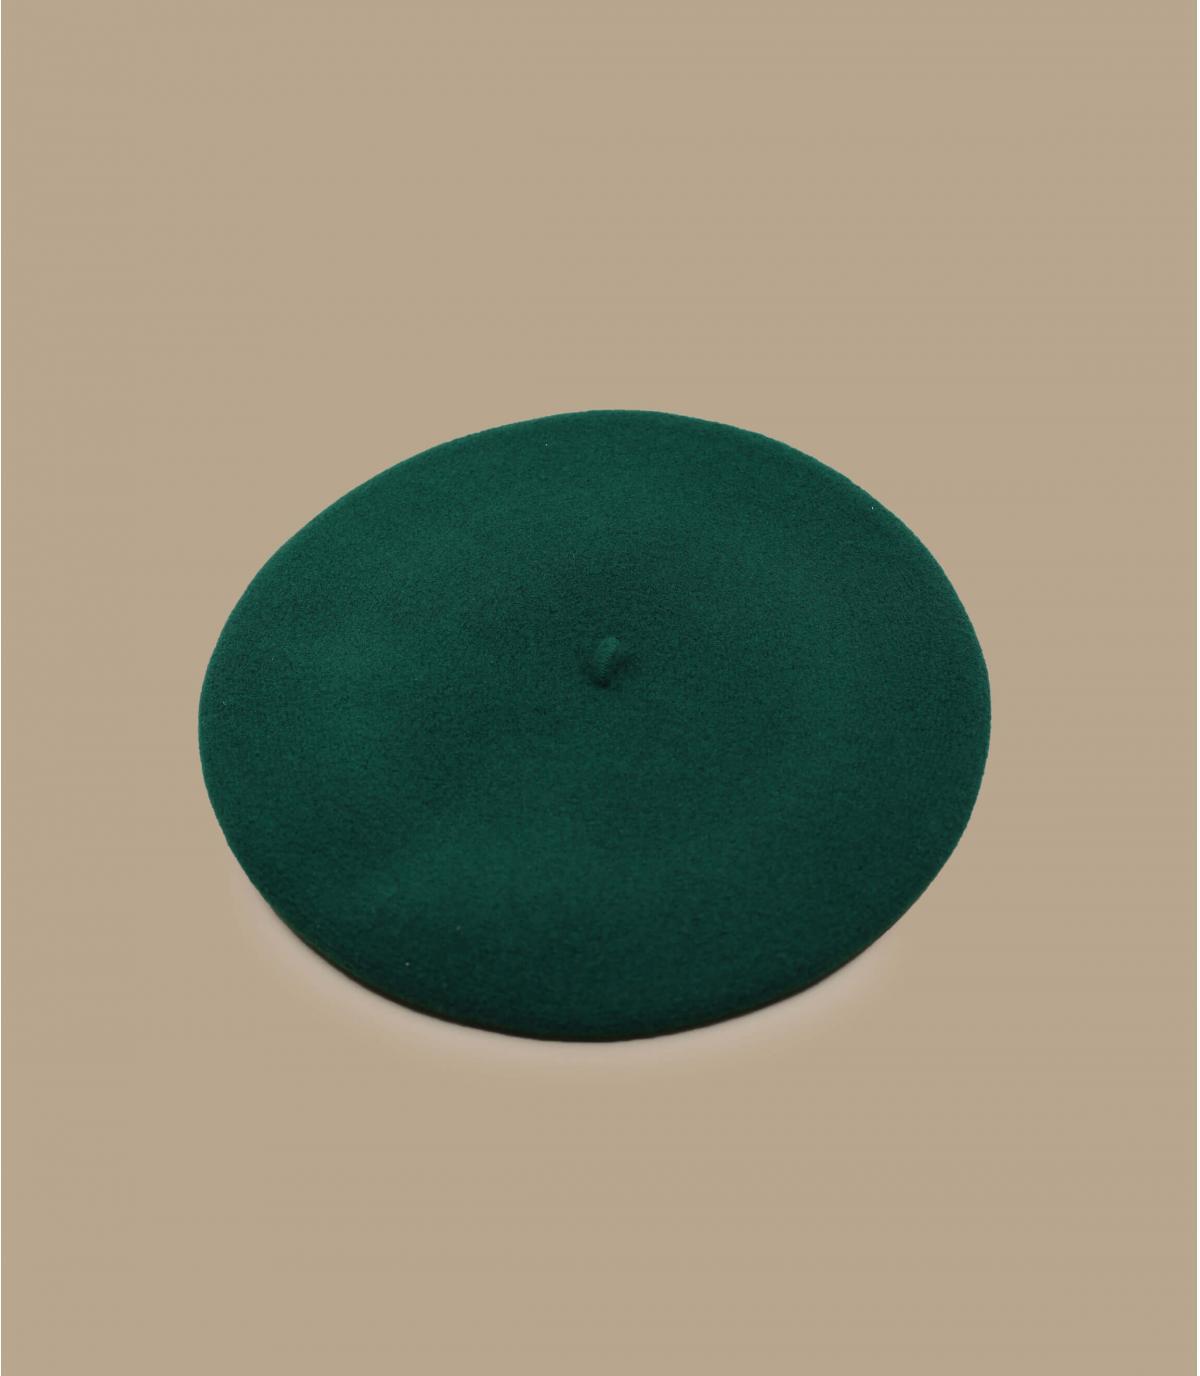 boina verde Laulhère